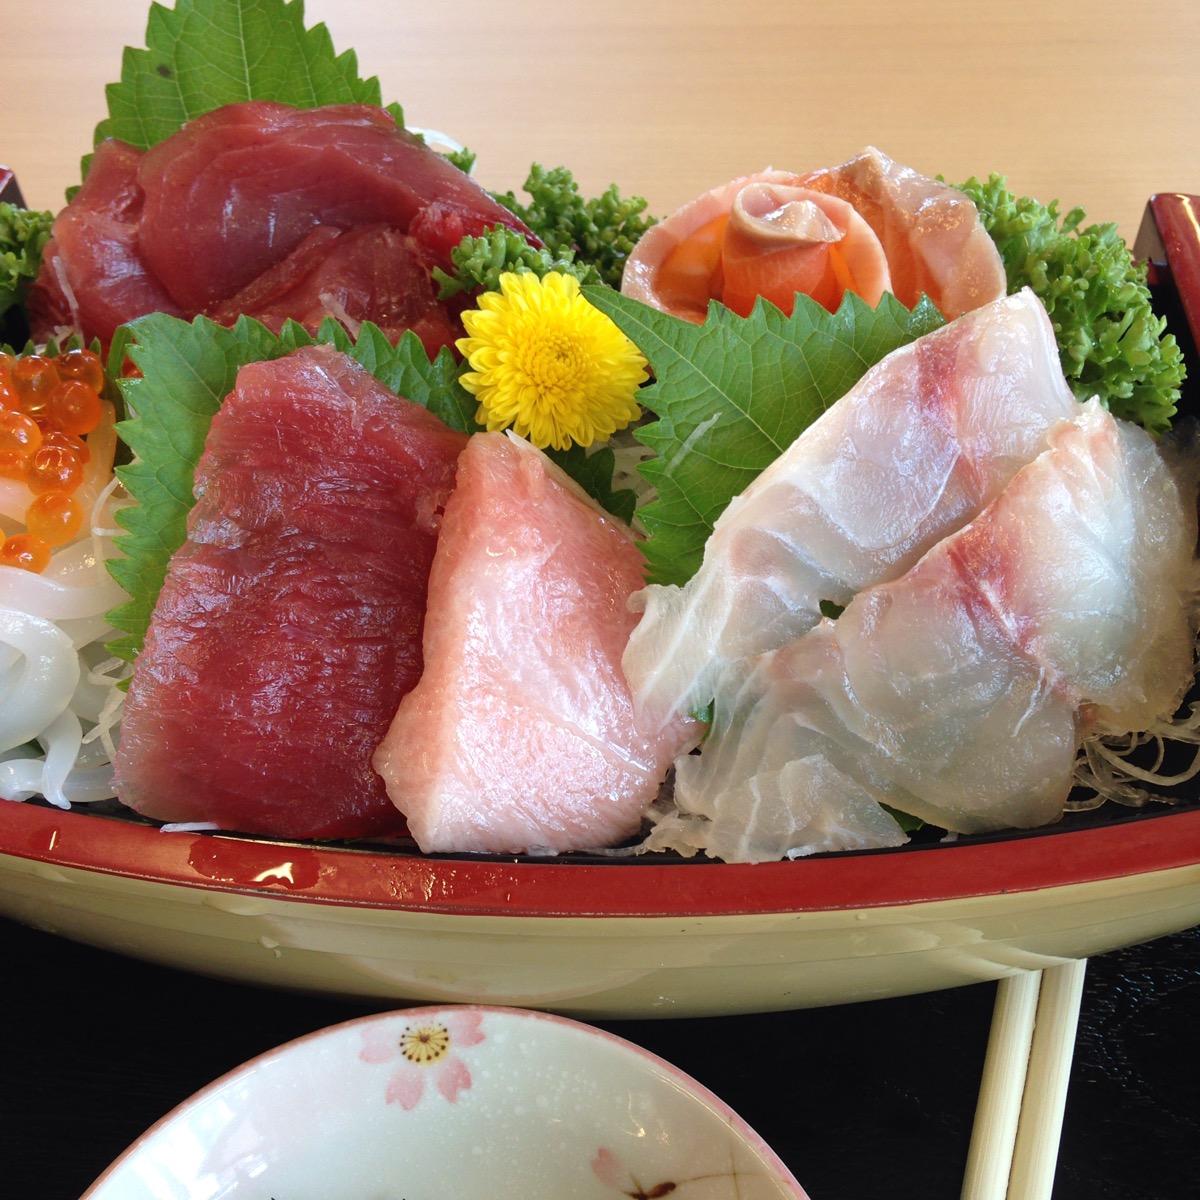 海の駅九十九里で1,000円(税込み)の舟盛り定食を食べてきたよ。おみやげのオススメは・・・。